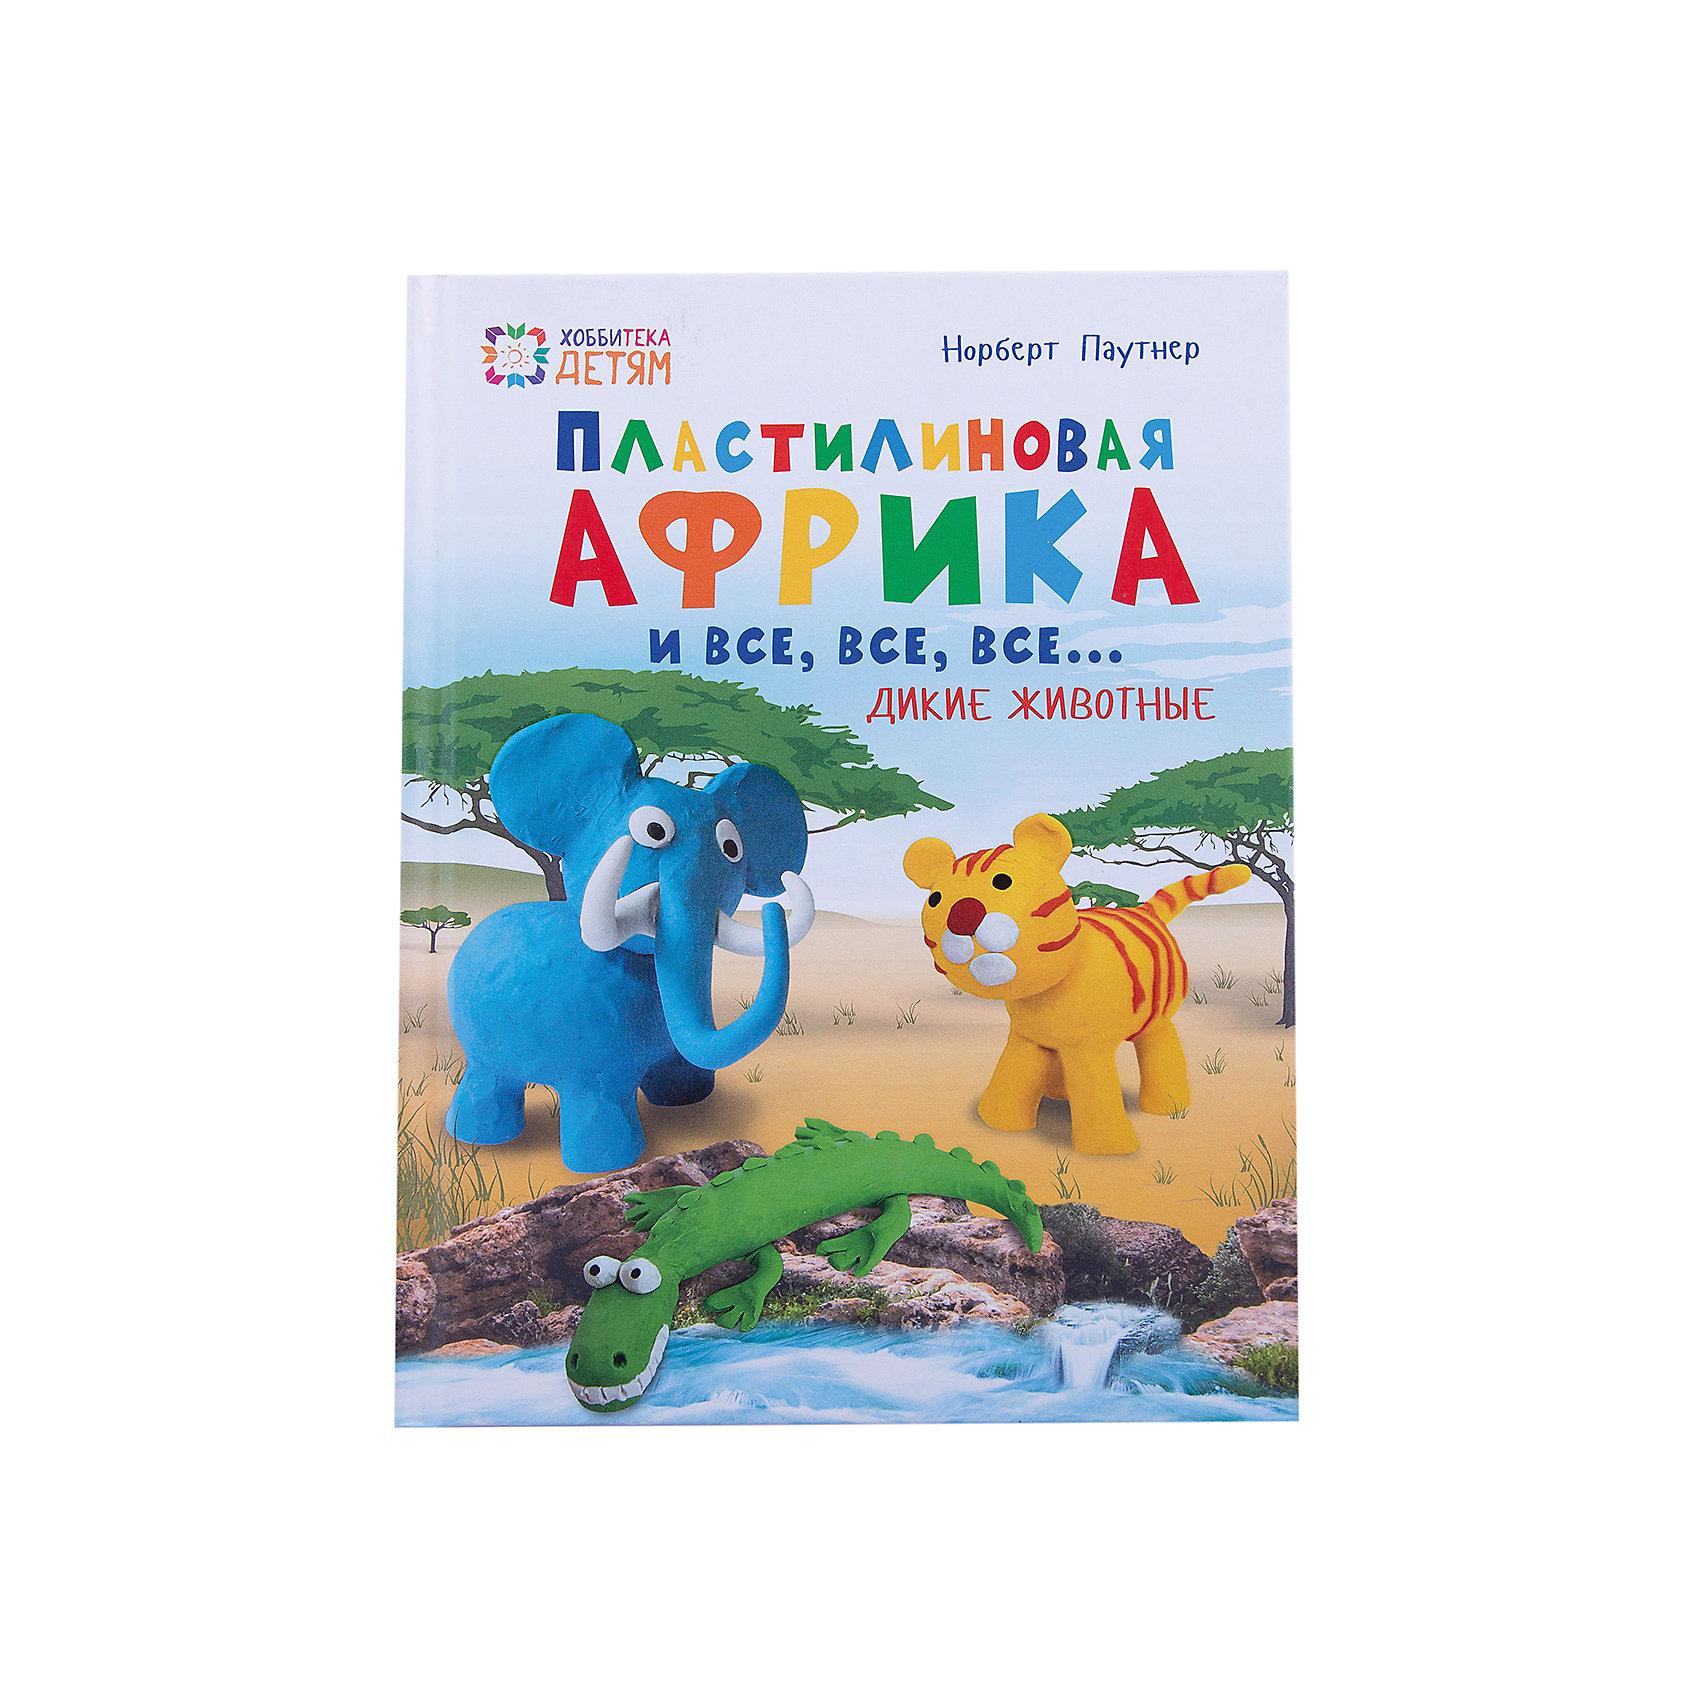 Книга Пластилиновая Африка и все, все, все... Дикие животныеТворчество для малышей<br>Книга Пластилиновая Африка и все, все, все... Дикие животные - эта увлекательная познавательная книга надолго займет вашего ребенка.<br>Открой эту замечательную книгу и начни путешествие по морям и континентам нашей планеты. И за время своей кругосветки ты узнаешь много интересного. Над кем смеётся рыбка-клоун? Как высоко прыгает кенгуру? Так ли уж ленив ленивец? И кого же всё-таки боится царь зверей? А чтобы вернуться домой не с пустыми руками, слепи самых интересных животных из пластилина. Поверь, с нашей книгой сделать это очень просто. Читай, играй, узнавай и твори мир своими руками.<br><br>Дополнительная информация:<br><br>- Содержание: Лепим пластилиновых зверей; Как устроена книга; Лев; Крокодил; Слон; Жираф; Носорог; Орангутанг; Тигр; Кобра; Кенгуру; Летучая мышь; Панда; Ленивец; Черепаха; Белый медведь; Тюлень; Осьминог; Акула; Рыба-клоун<br>- Автор: Паунтер Норберт<br>- Переводчик: Логвинова И. В.<br>- Издательство: АСТ-Пресс, 2015 г.<br>- Серия: Детская библиотека увлечений<br>- Тип обложки: 7Бц - твердая, целлофанированная (или лакированная)<br>- Оформление: частичная лакировка<br>- Иллюстрации: цветные<br>- Количество страниц: 44 (офсет)<br>- Размер: 265x205x13 мм.<br>- Вес: 432 гр.<br><br>Книгу Пластилиновая Африка и все, все, все... Дикие животные можно купить в нашем интернет-магазине.<br><br>Ширина мм: 205<br>Глубина мм: 10<br>Высота мм: 266<br>Вес г: 440<br>Возраст от месяцев: 0<br>Возраст до месяцев: 36<br>Пол: Унисекс<br>Возраст: Детский<br>SKU: 4625751